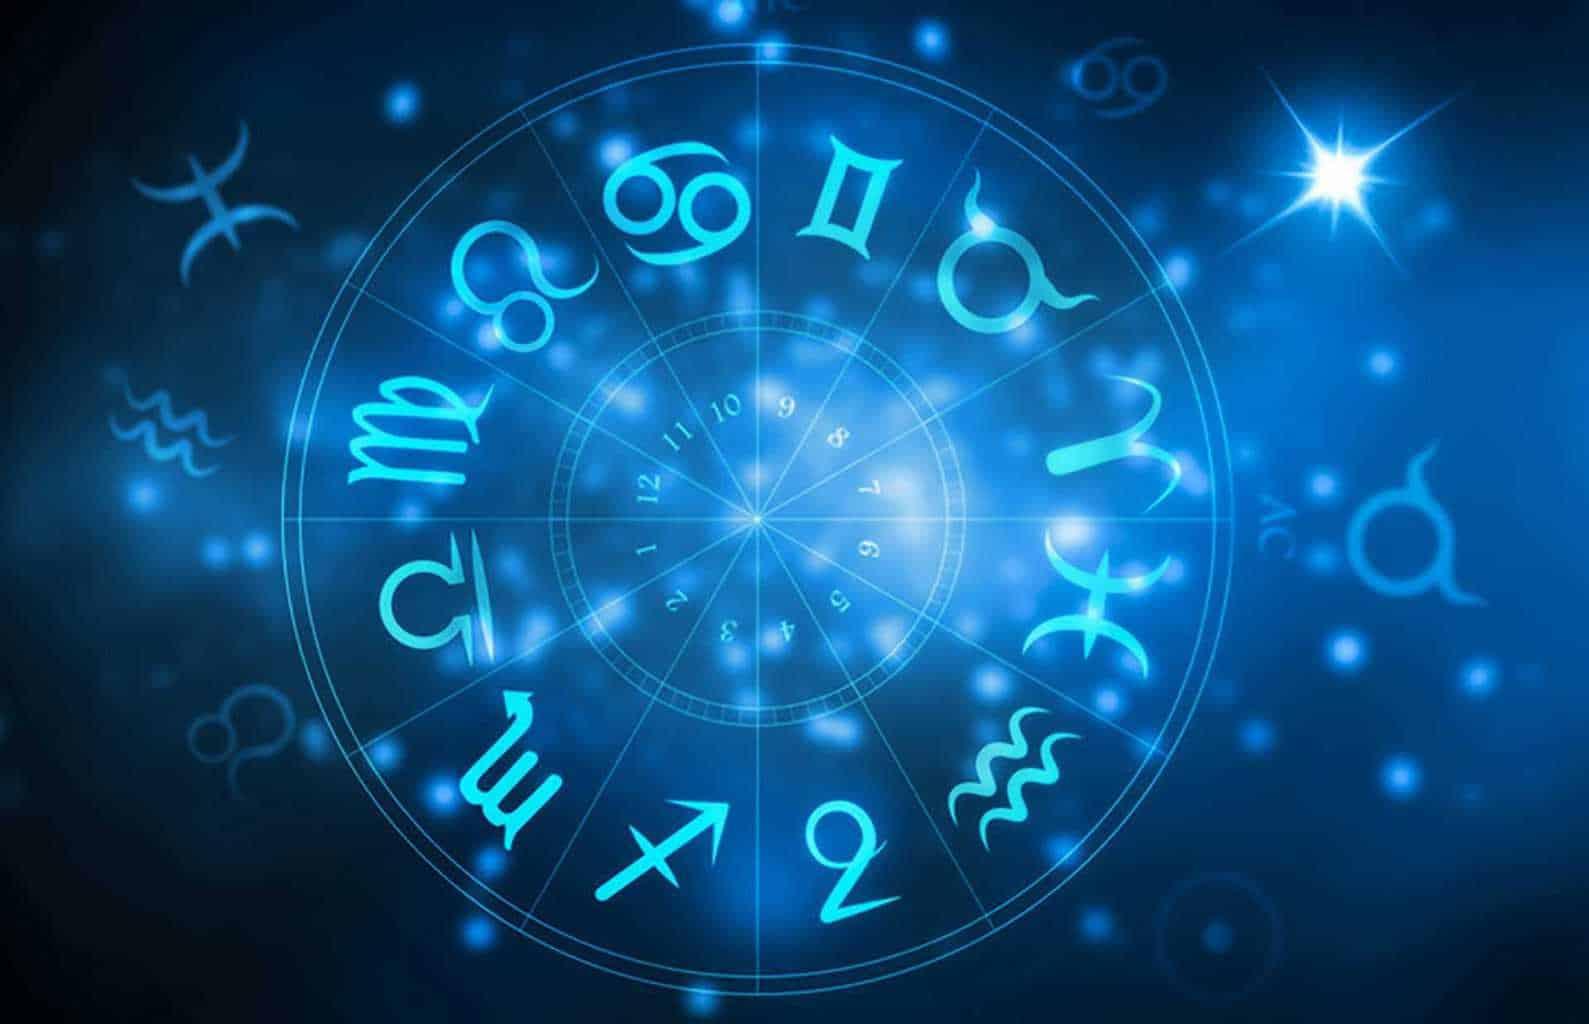 Гороскоп на четверг 7 января для каждого знака Зодиака